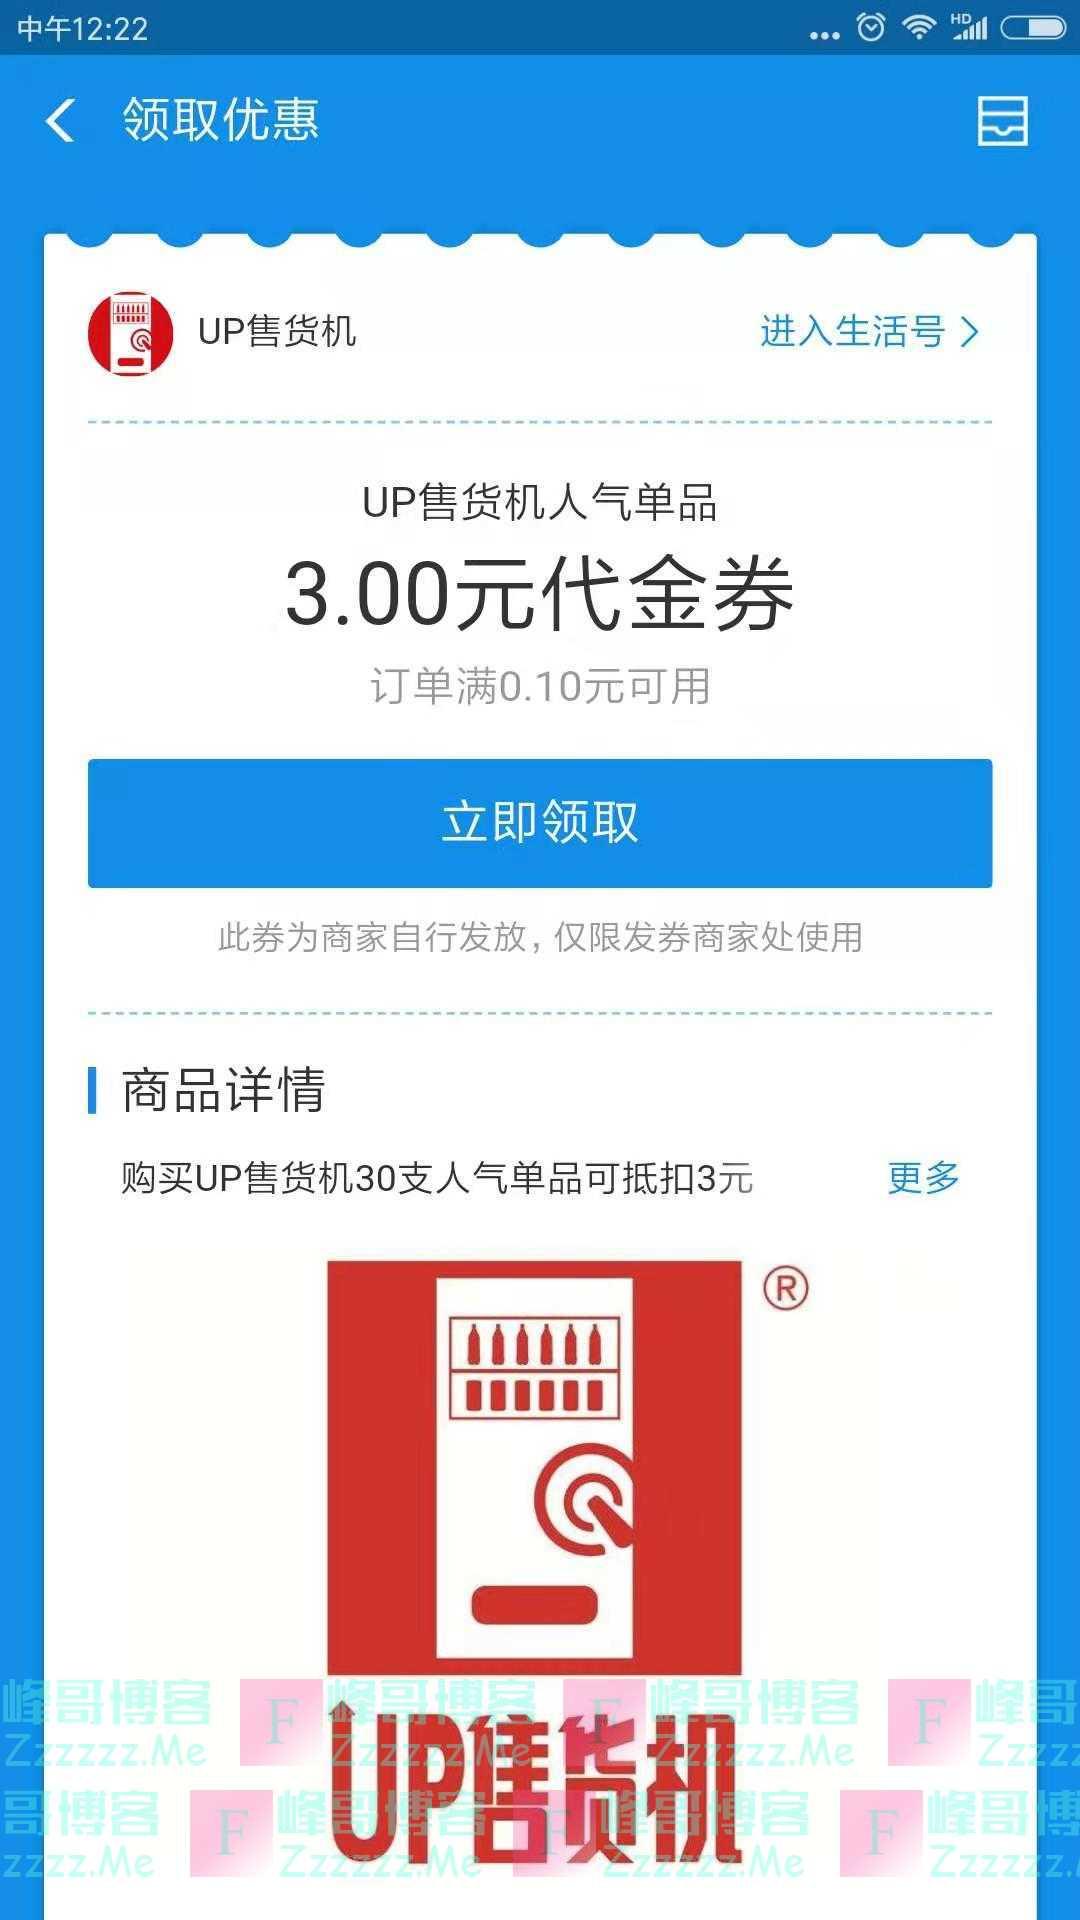 UP售货机3元支付宝代金券(截止11月17日)